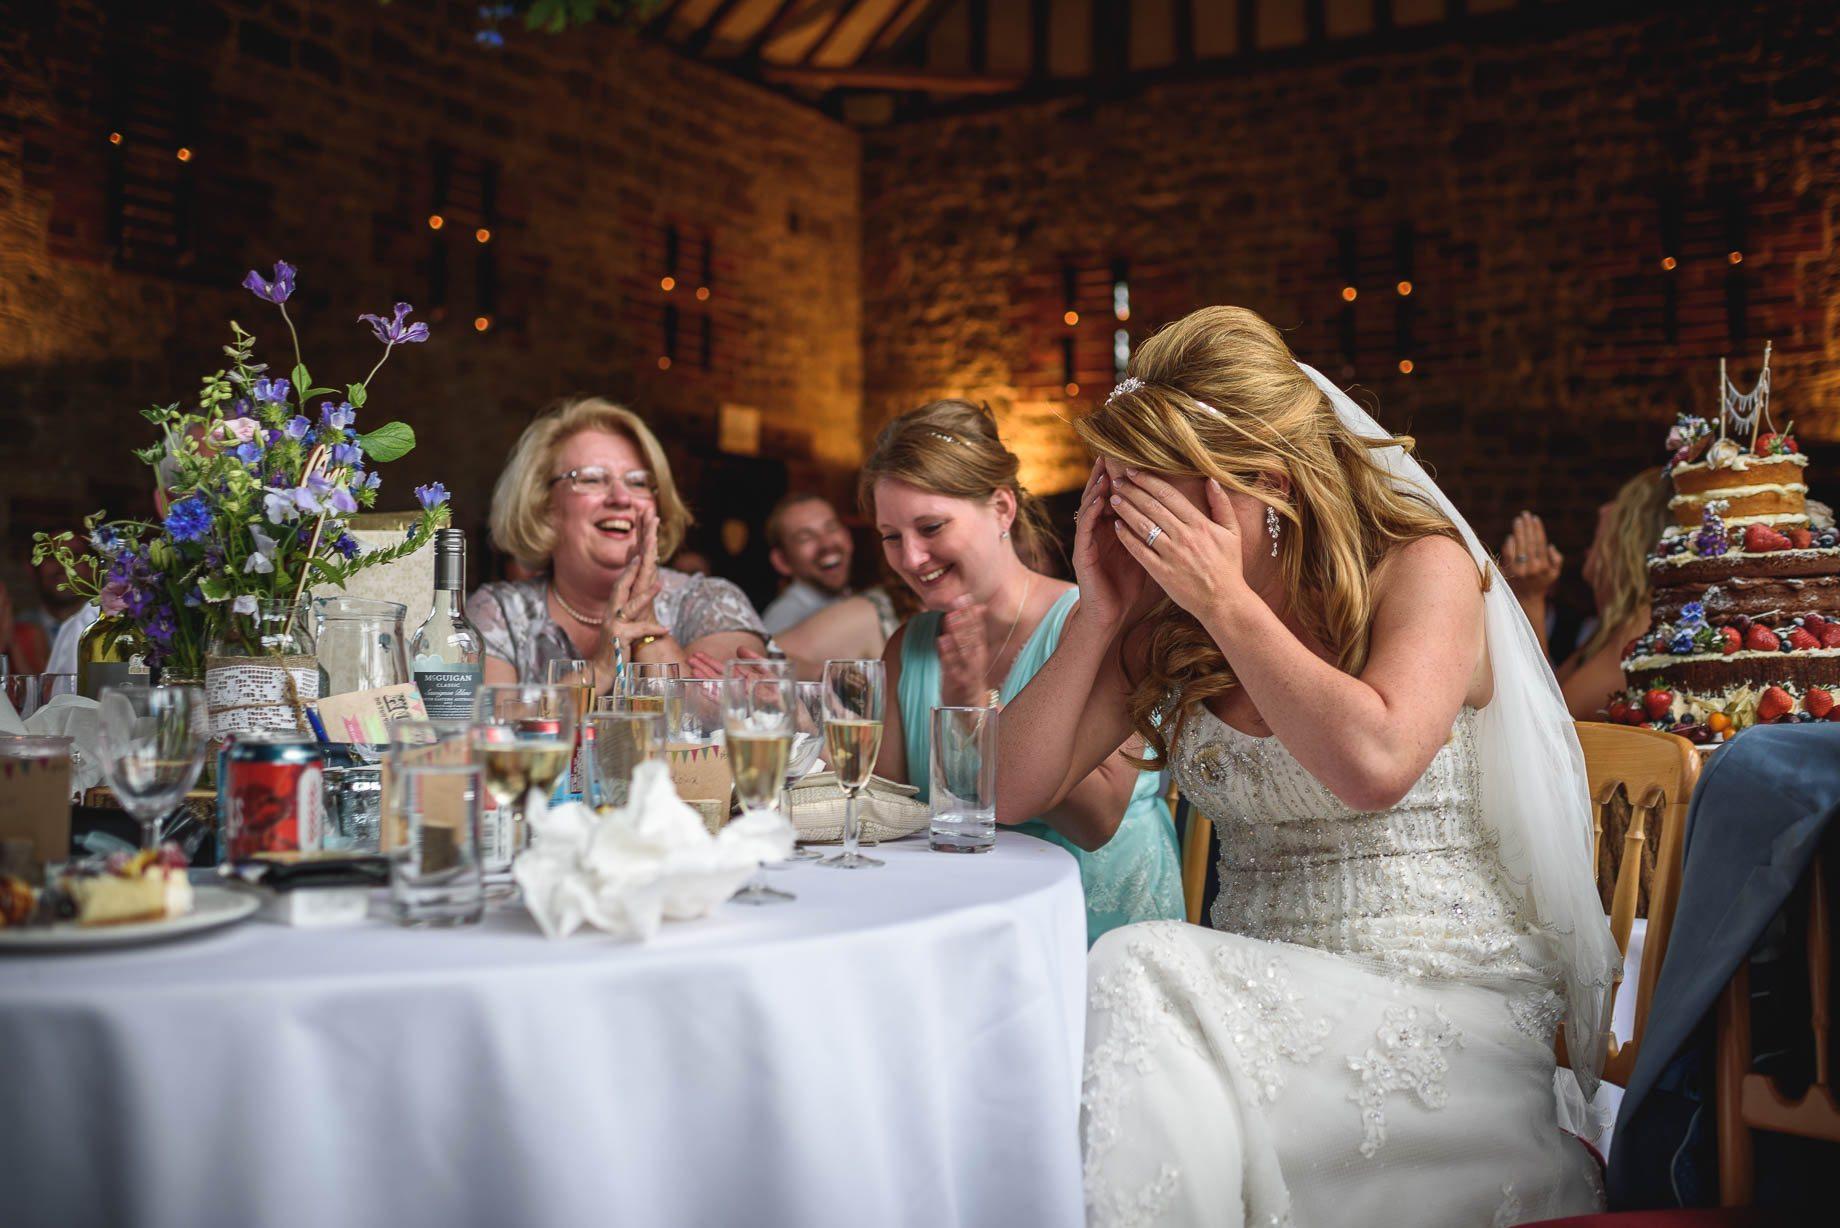 Bartholomew Barns wedding photography - Louise and Spencer (103 of 151)